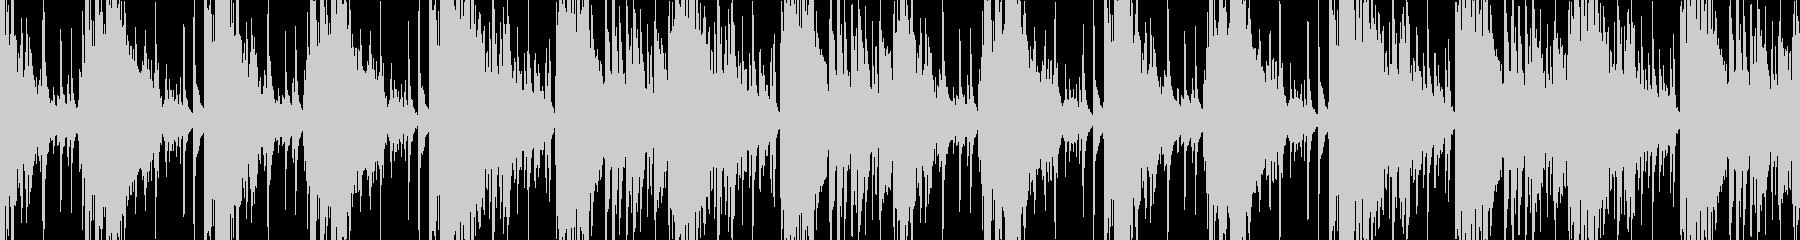 緊迫した状況に適した金属的なBGMの未再生の波形